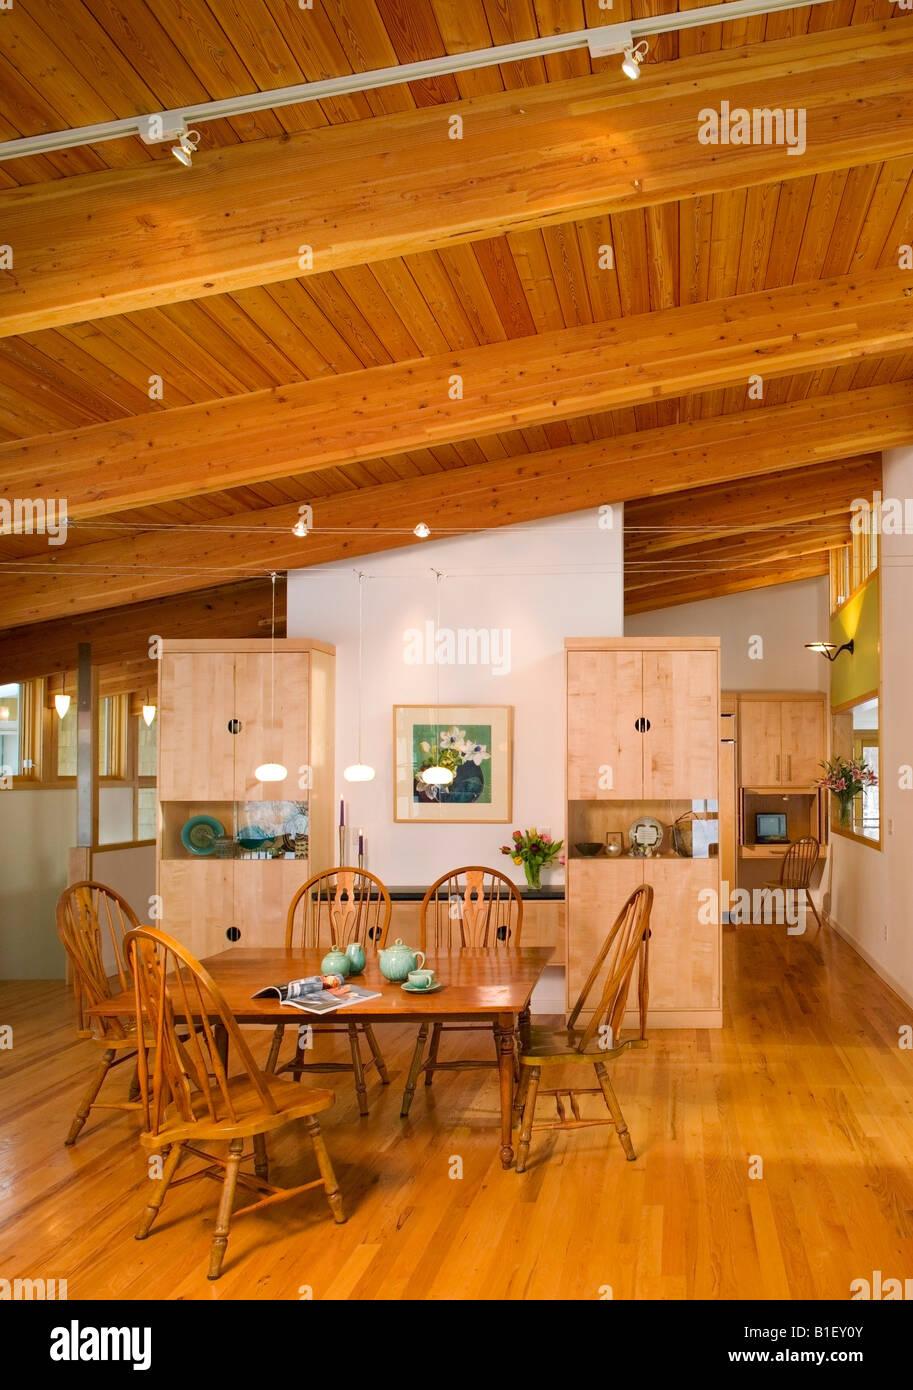 Küche Ansicht einer zeitgenössischen Residenz mit Ahorn-Holz und ...